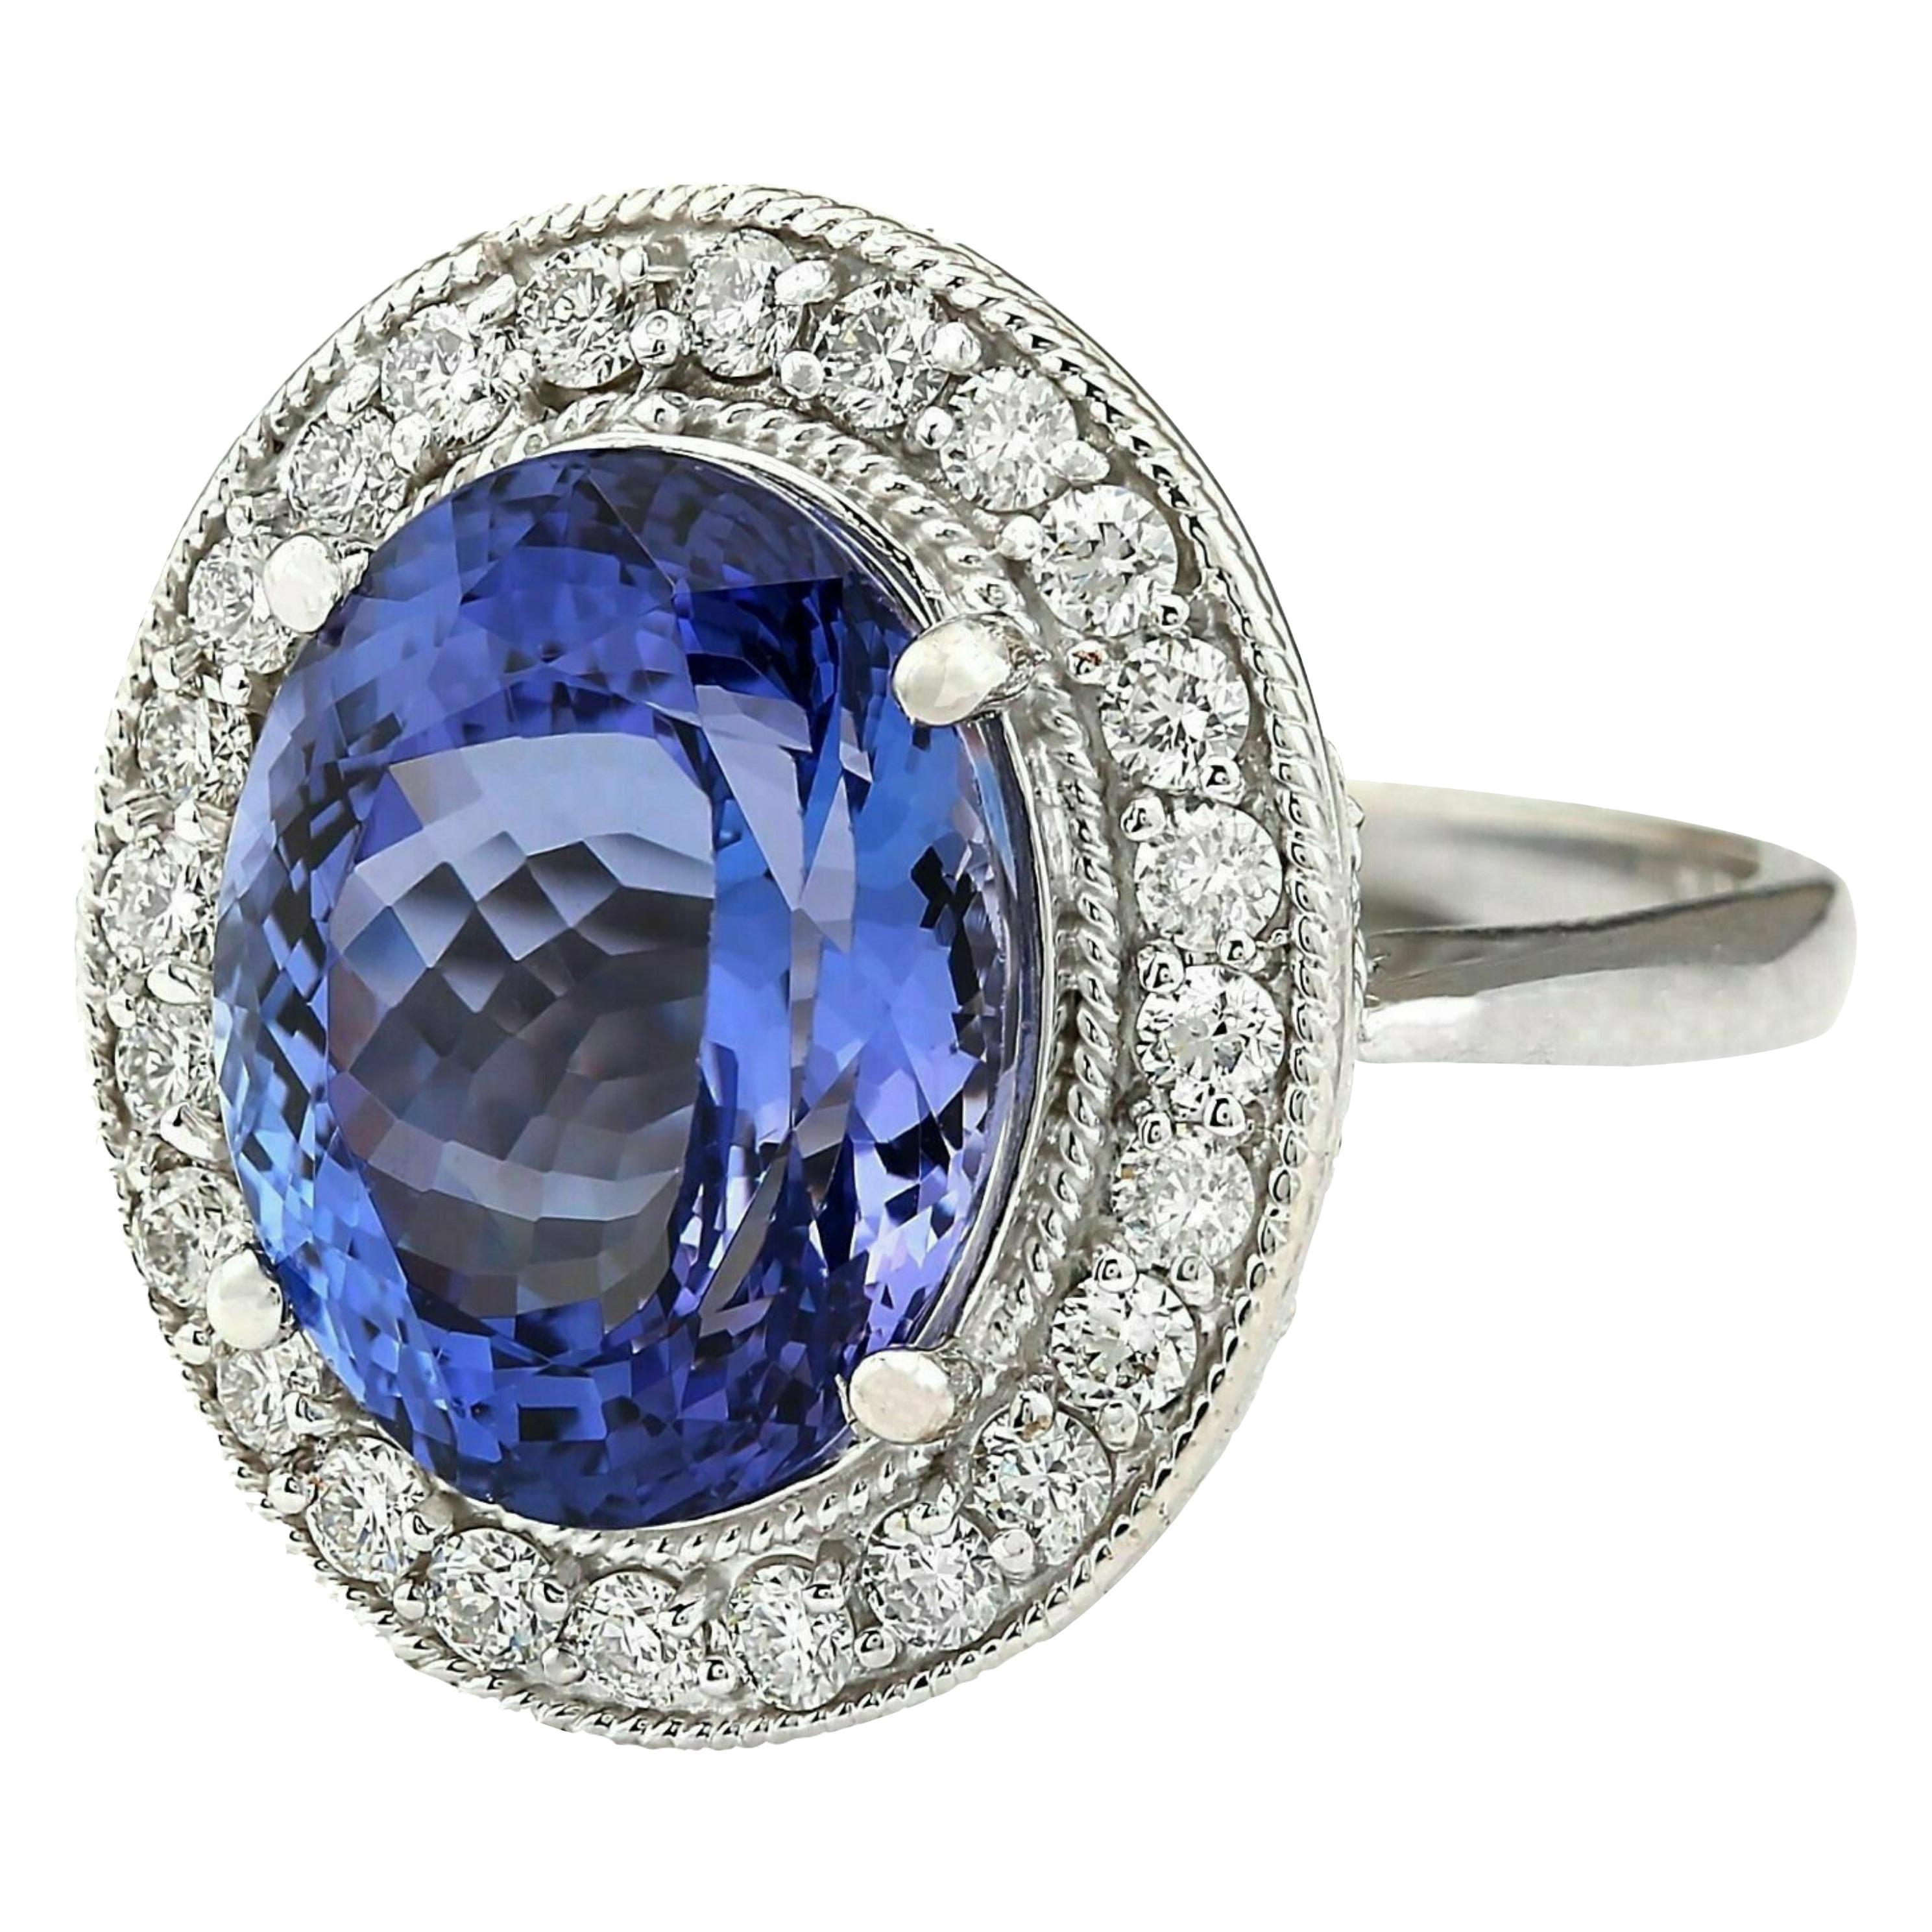 14.56 Carat Tanzanite Diamond Ring 14 Karat White Gold